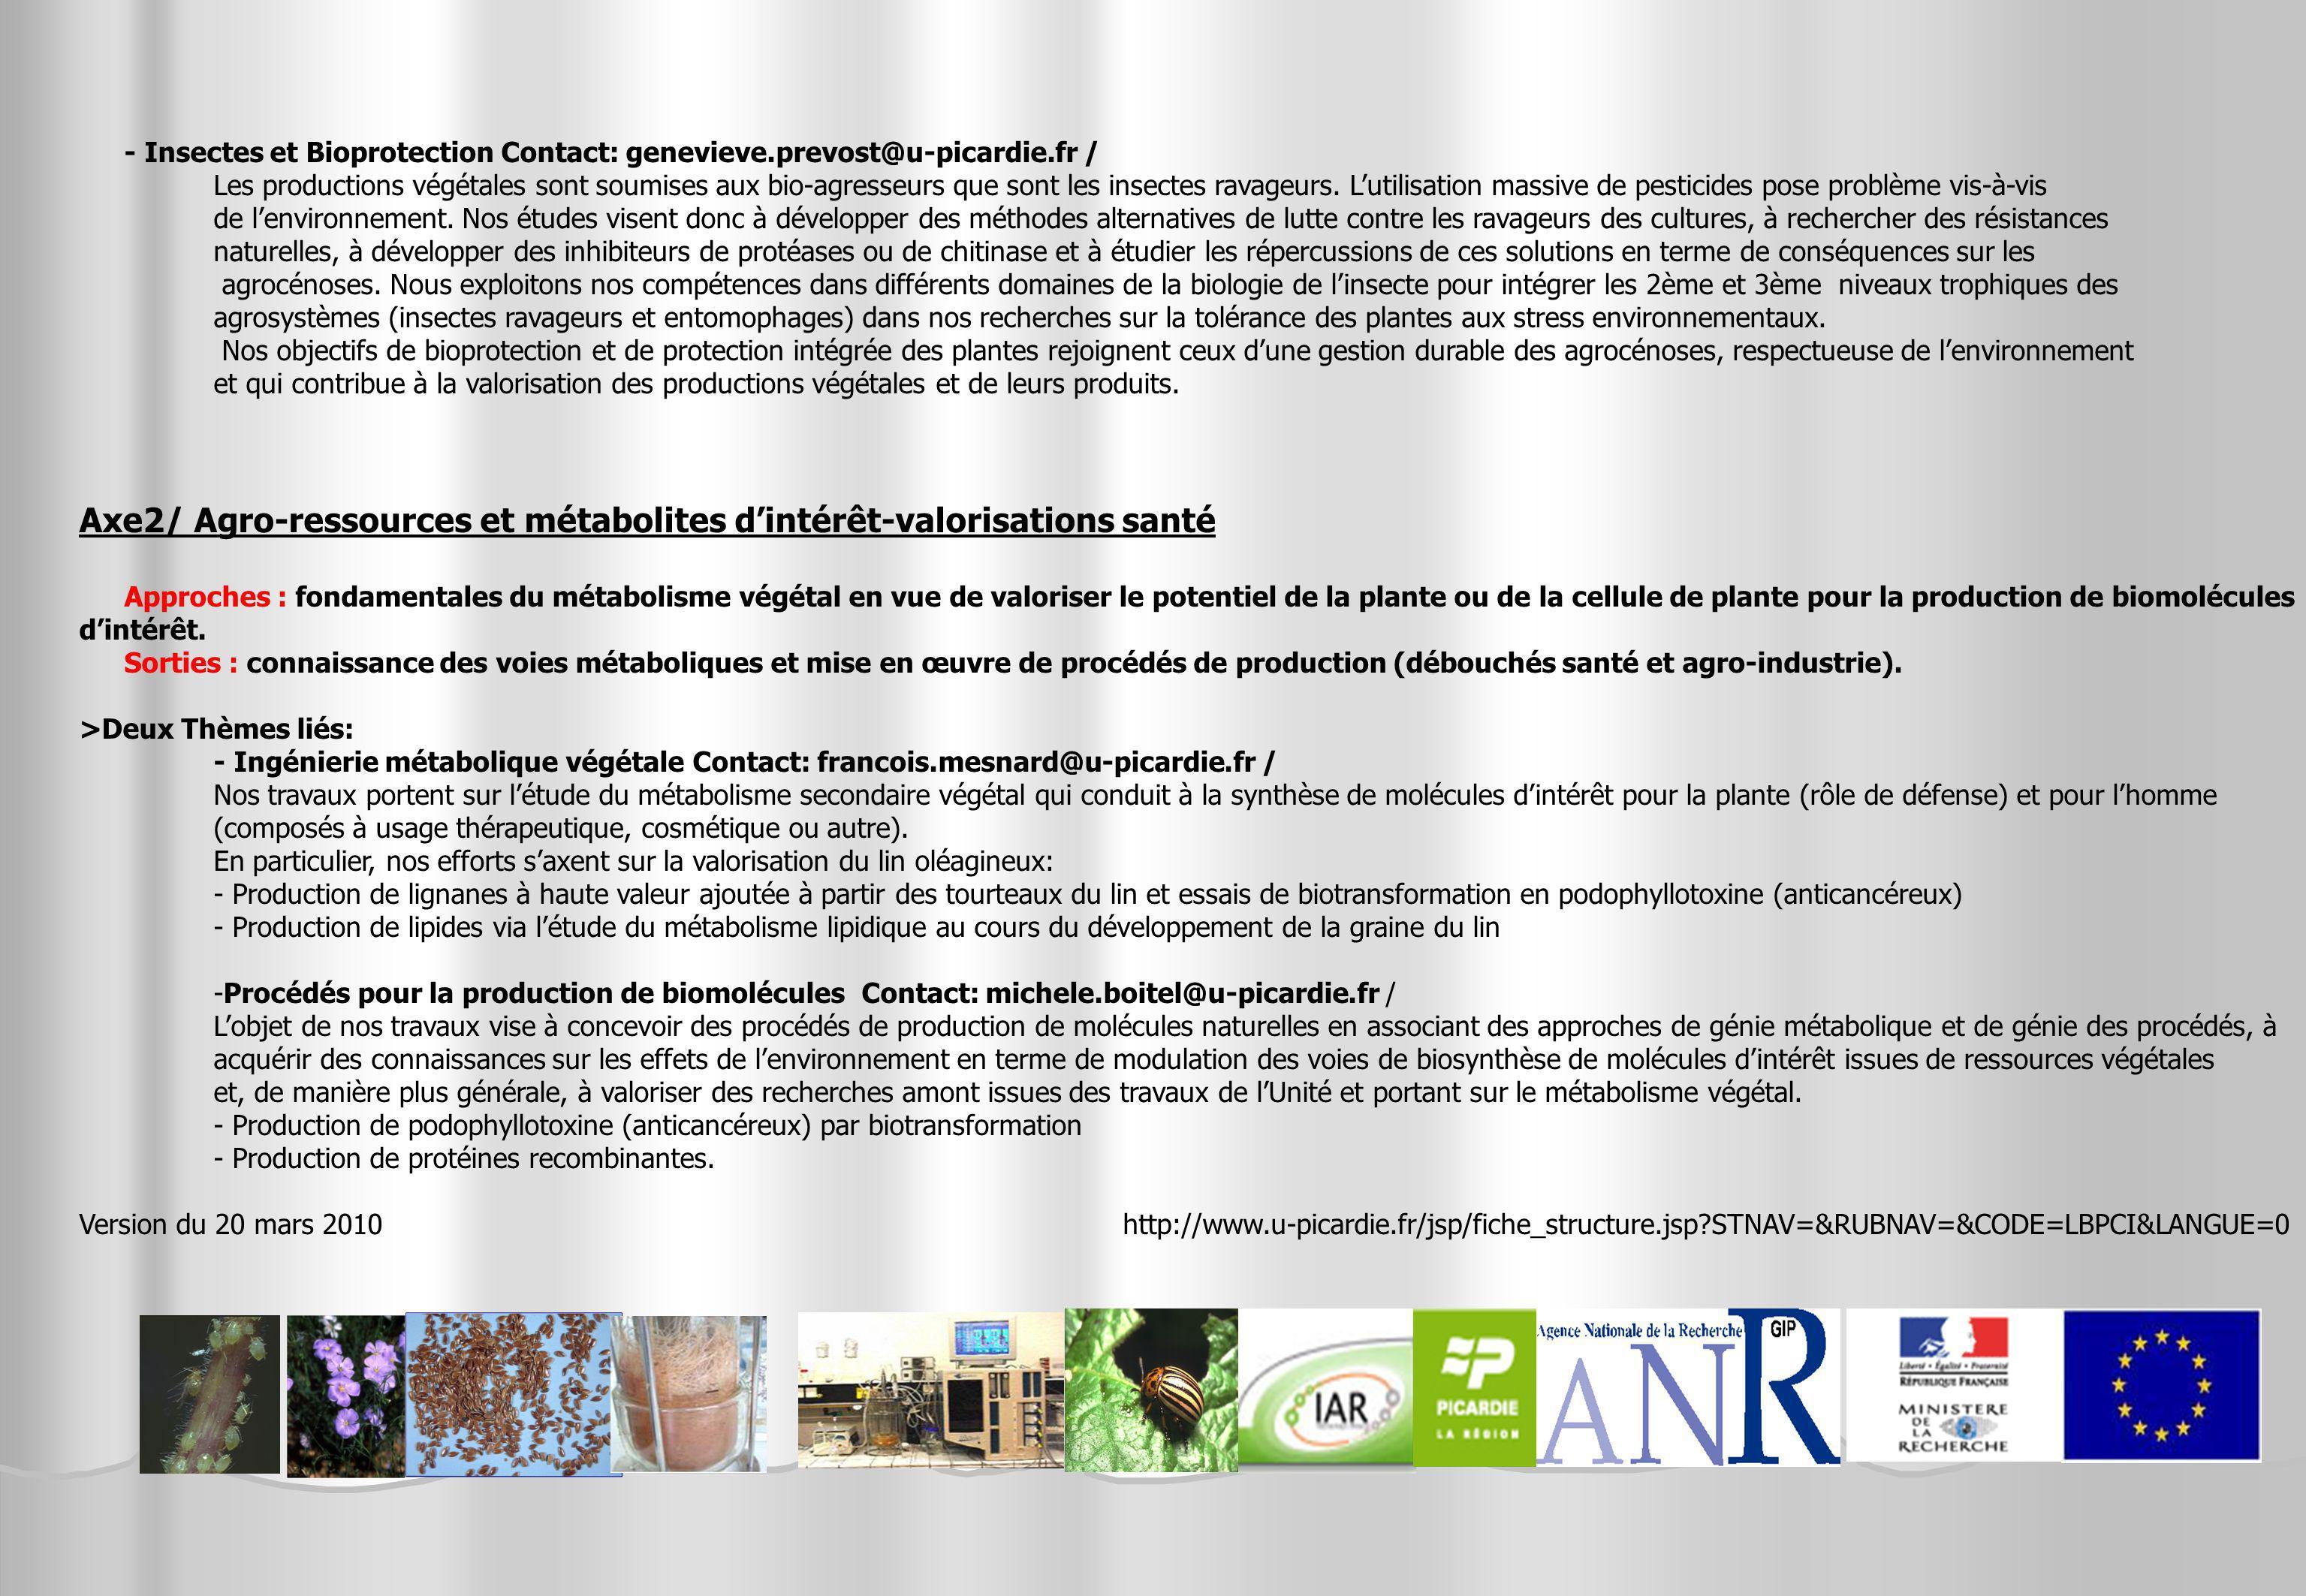 - Insectes et Bioprotection Contact: genevieve.prevost@u-picardie.fr / Les productions végétales sont soumises aux bio-agresseurs que sont les insecte